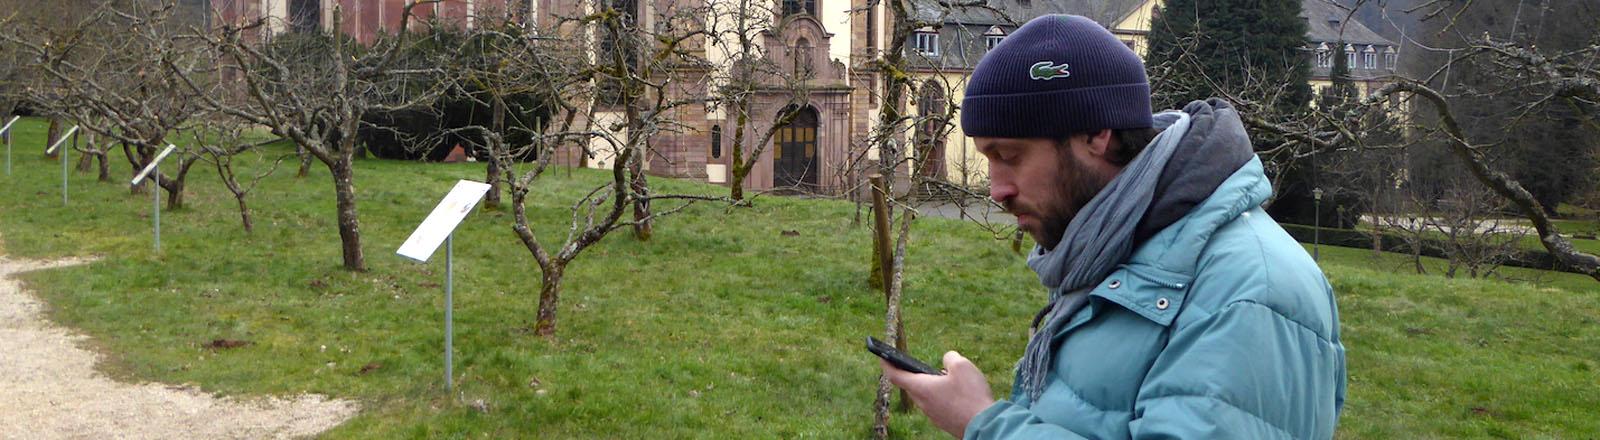 Fritz im Kloster ohne Handyempfang